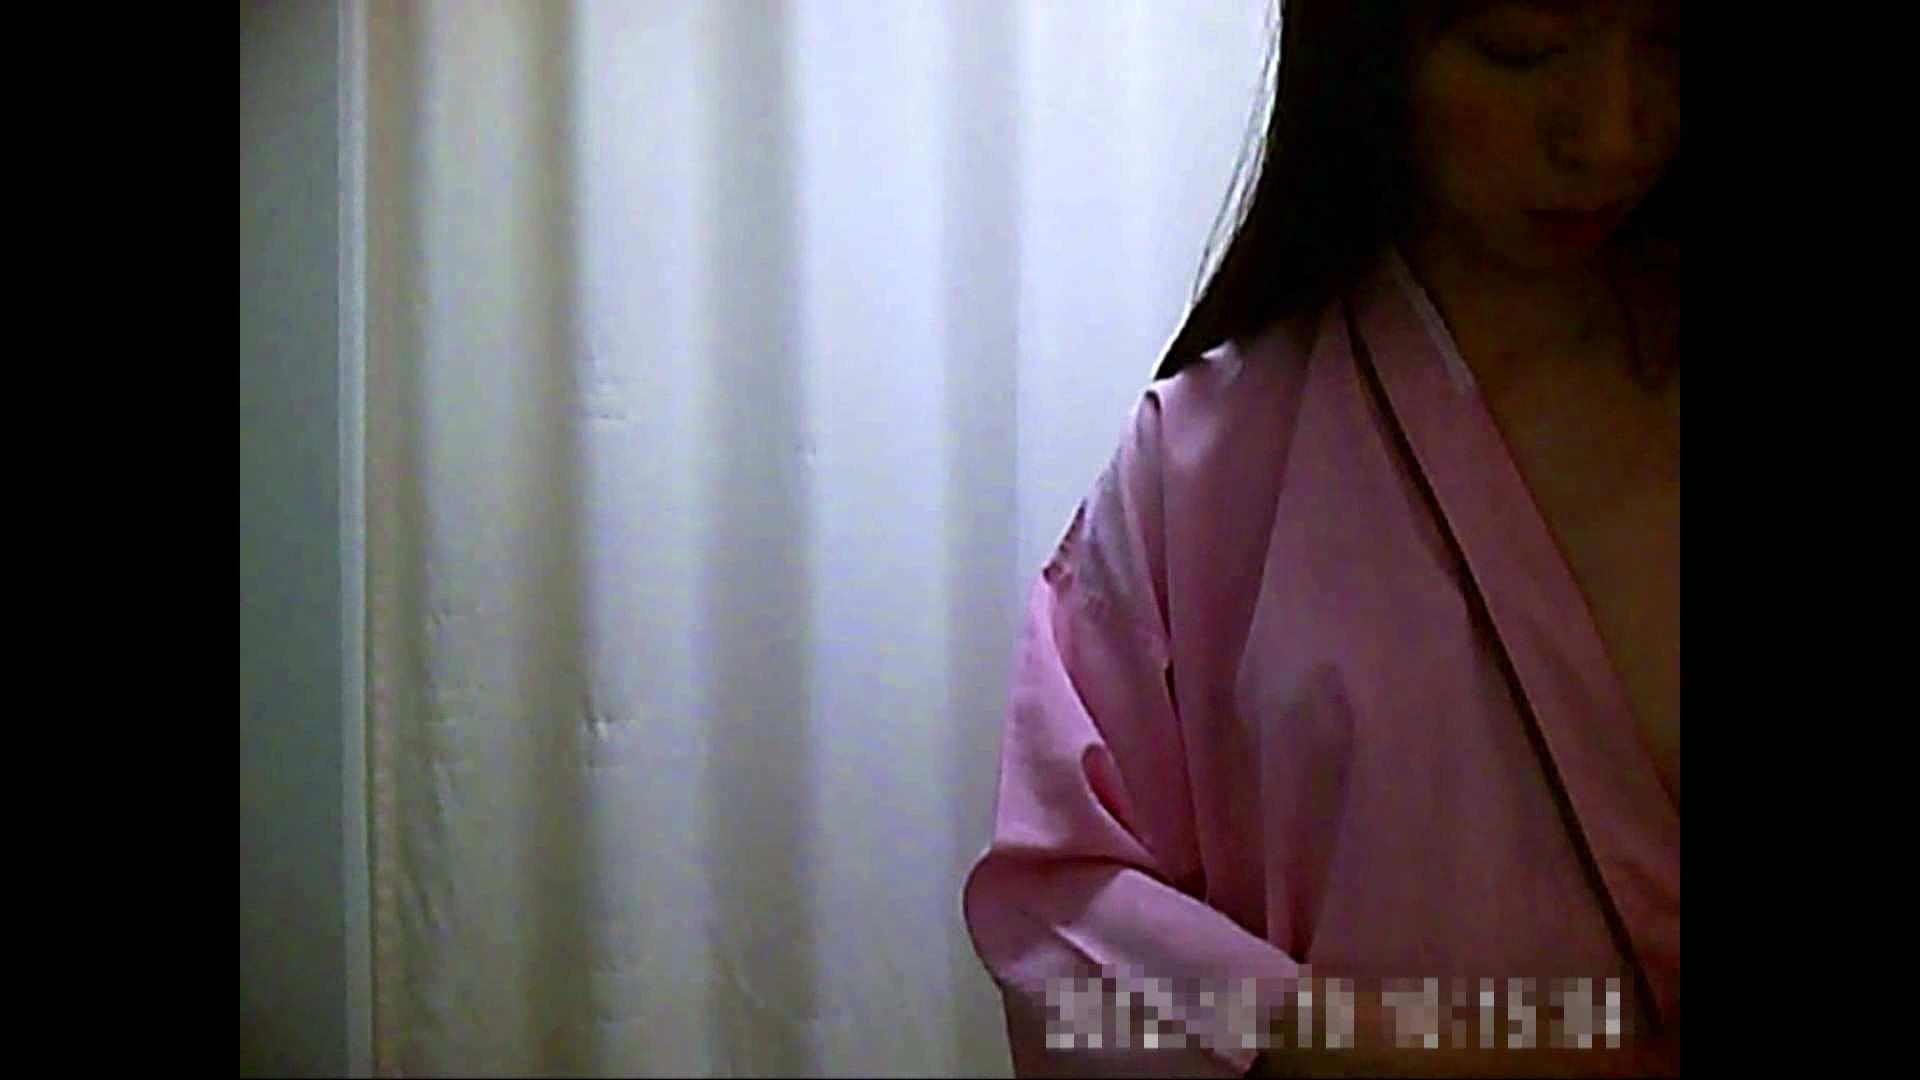 病院おもいっきり着替え! vol.232 乳首 盗み撮りAV無料動画キャプチャ 113PICs 61